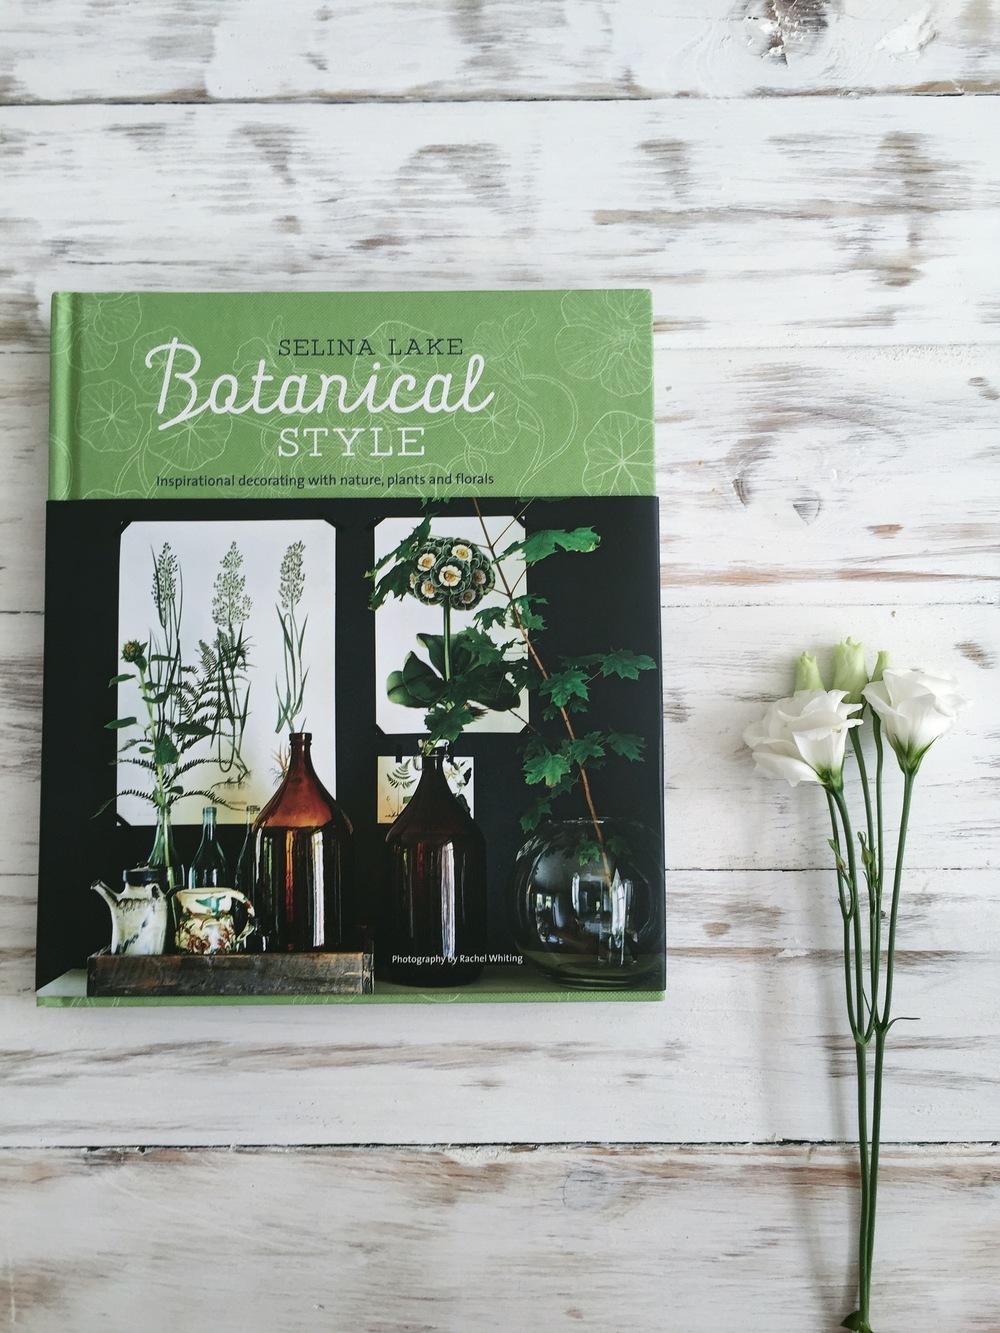 Botanical Style by Selina Lake